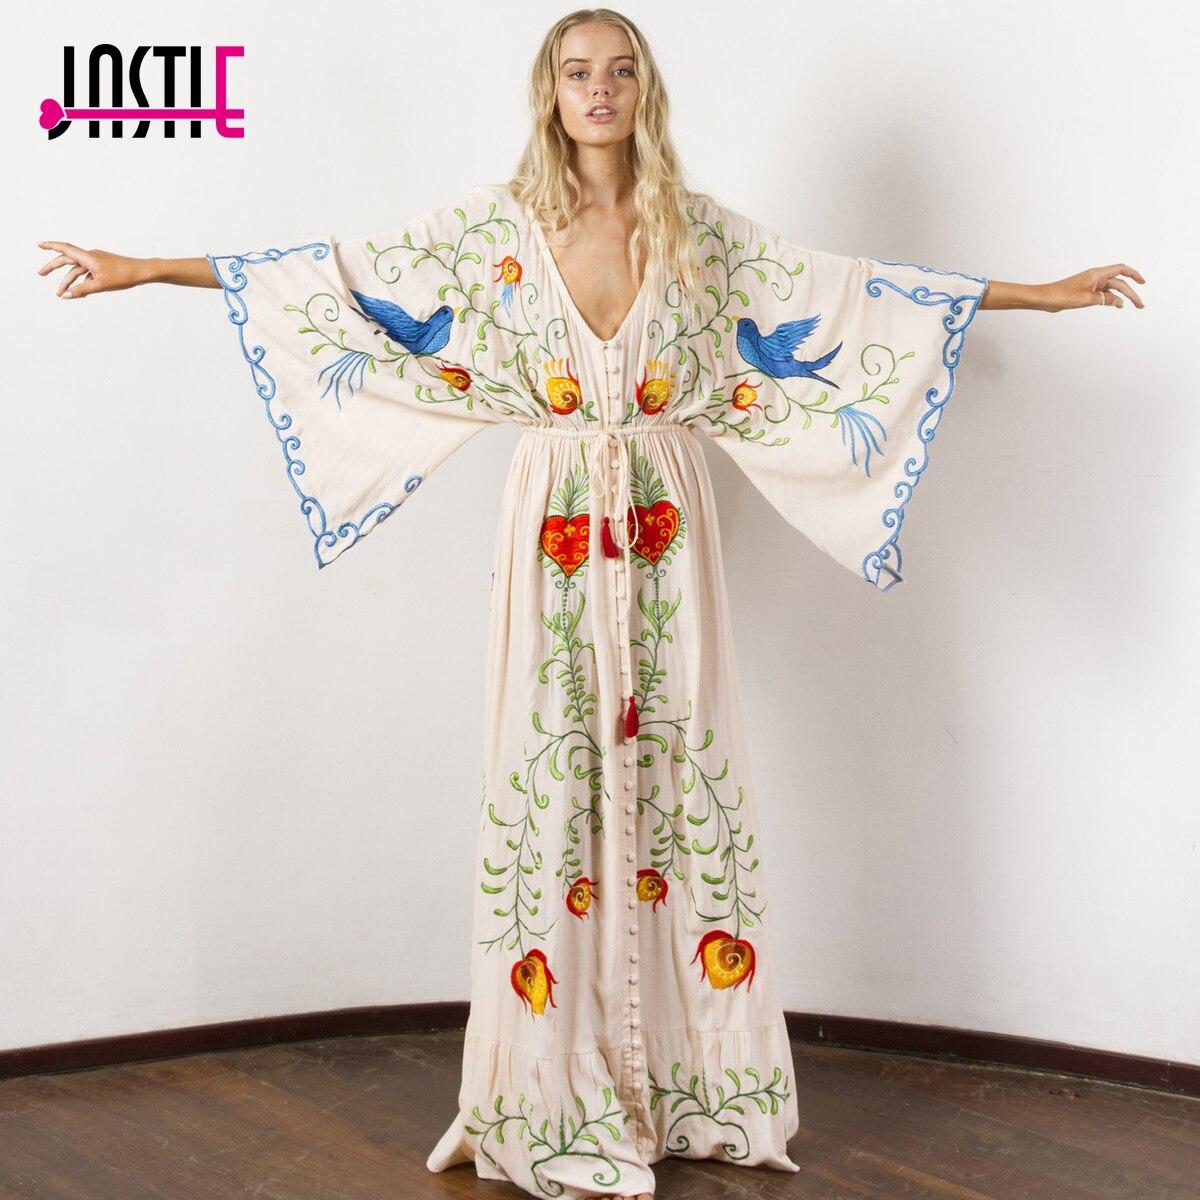 Jastie вышитое женское Макси платье с v-образным вырезом с рукавом «летучая мышь» свободные большие размеры летние платья с кулиской на талии б...